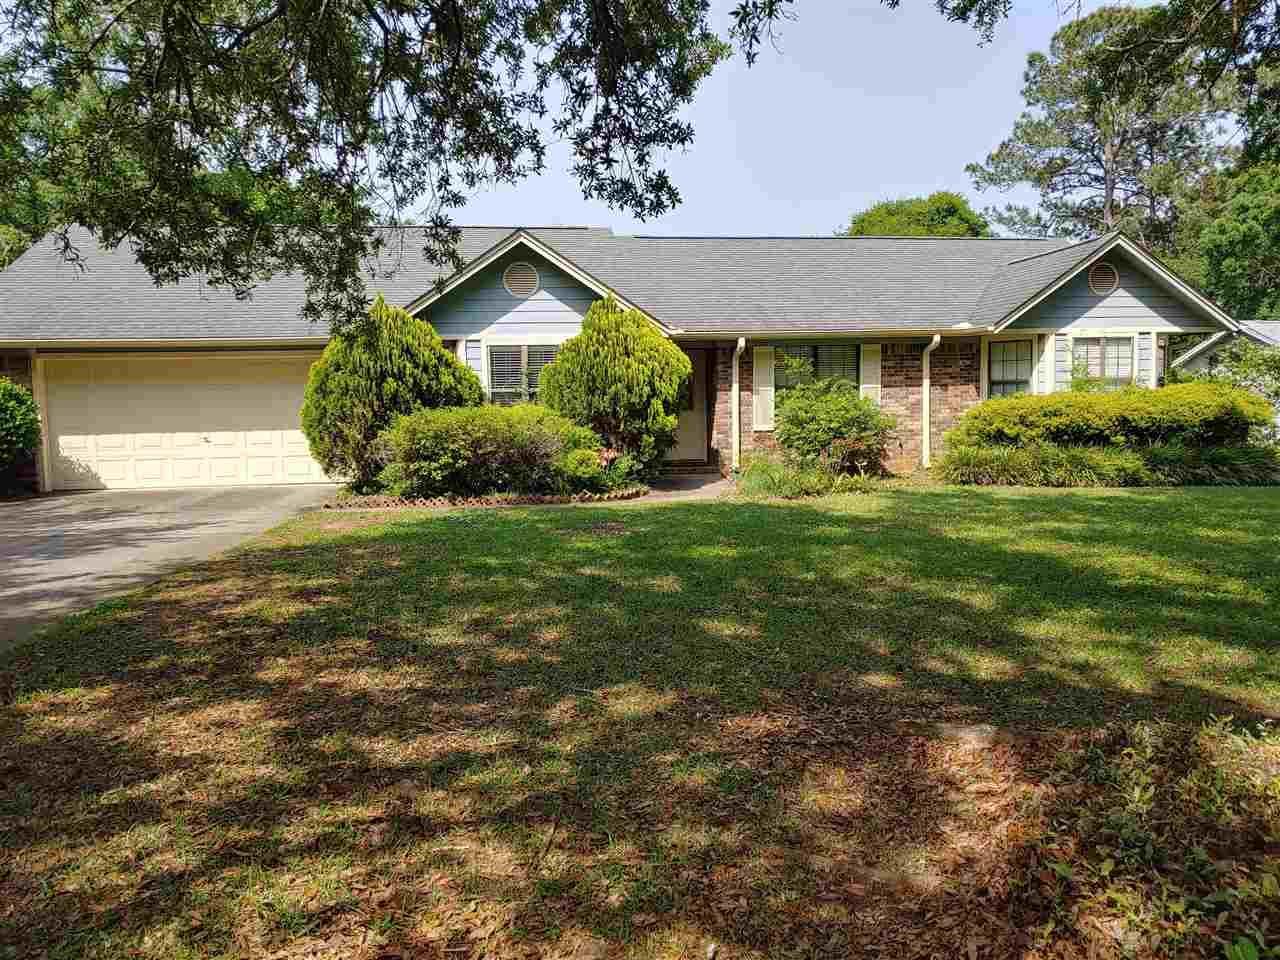 Photo of 4011 Kilmartin Drive, TALLAHASSEE, FL 32309 (MLS # 331808)